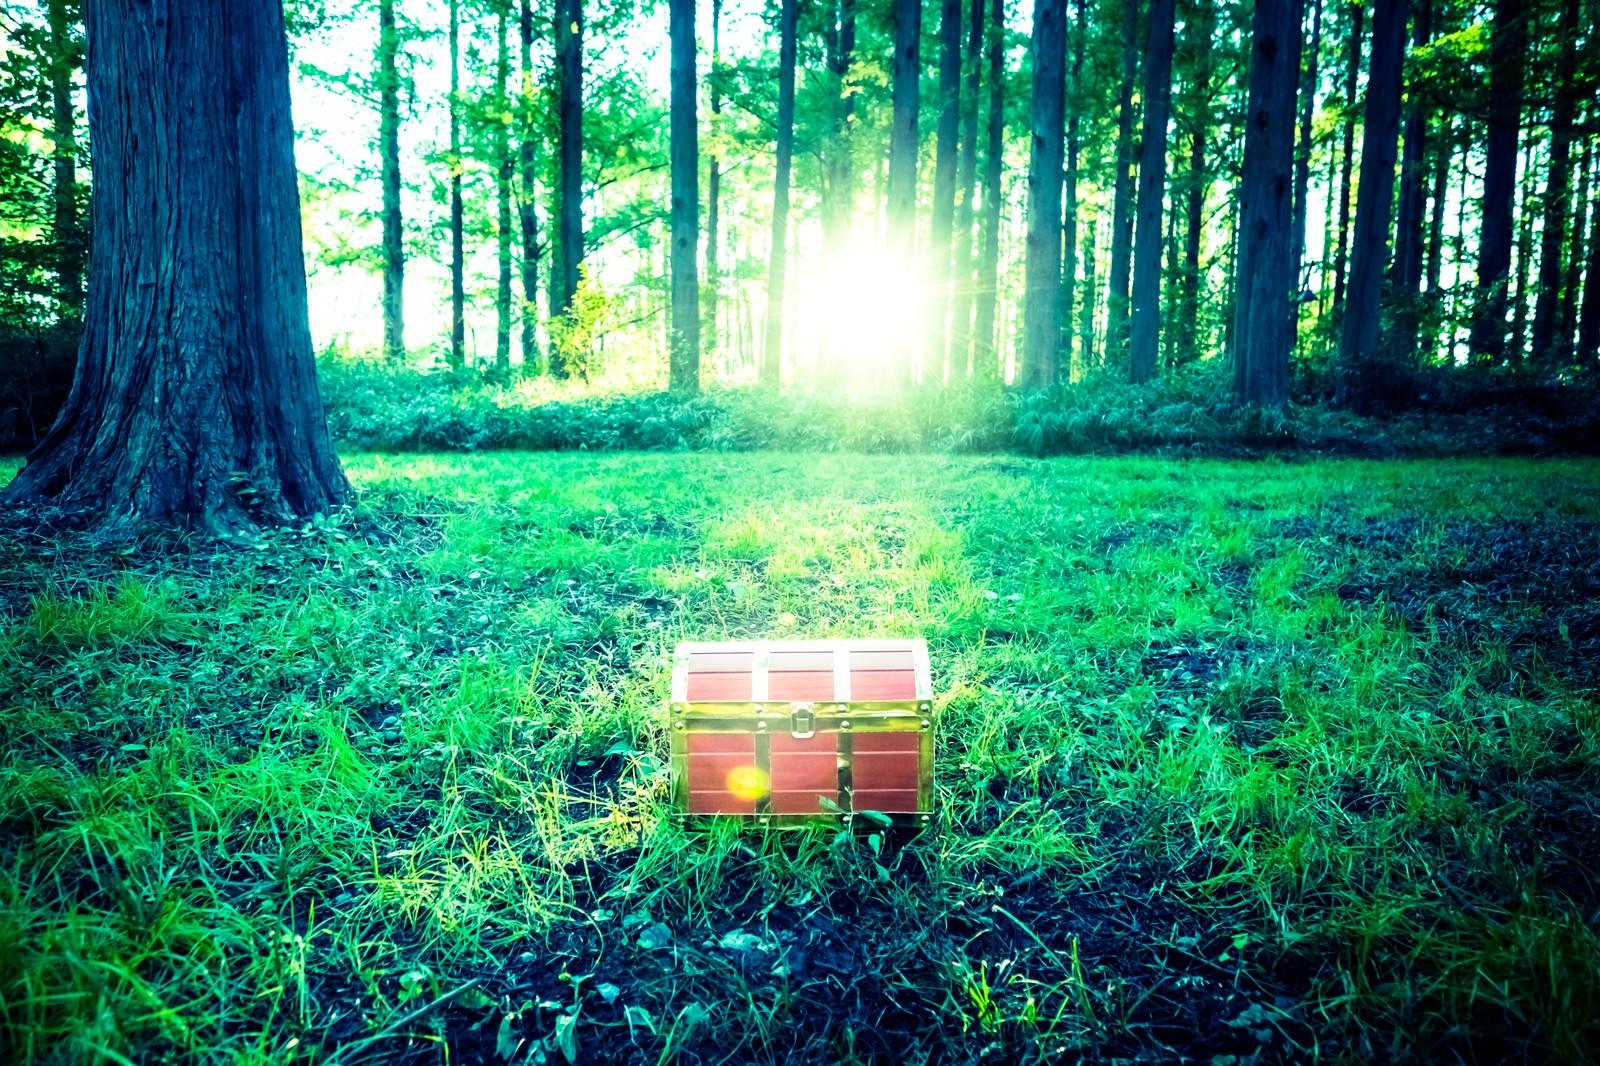 「勇者は森の中で宝箱を見つけた!」の写真